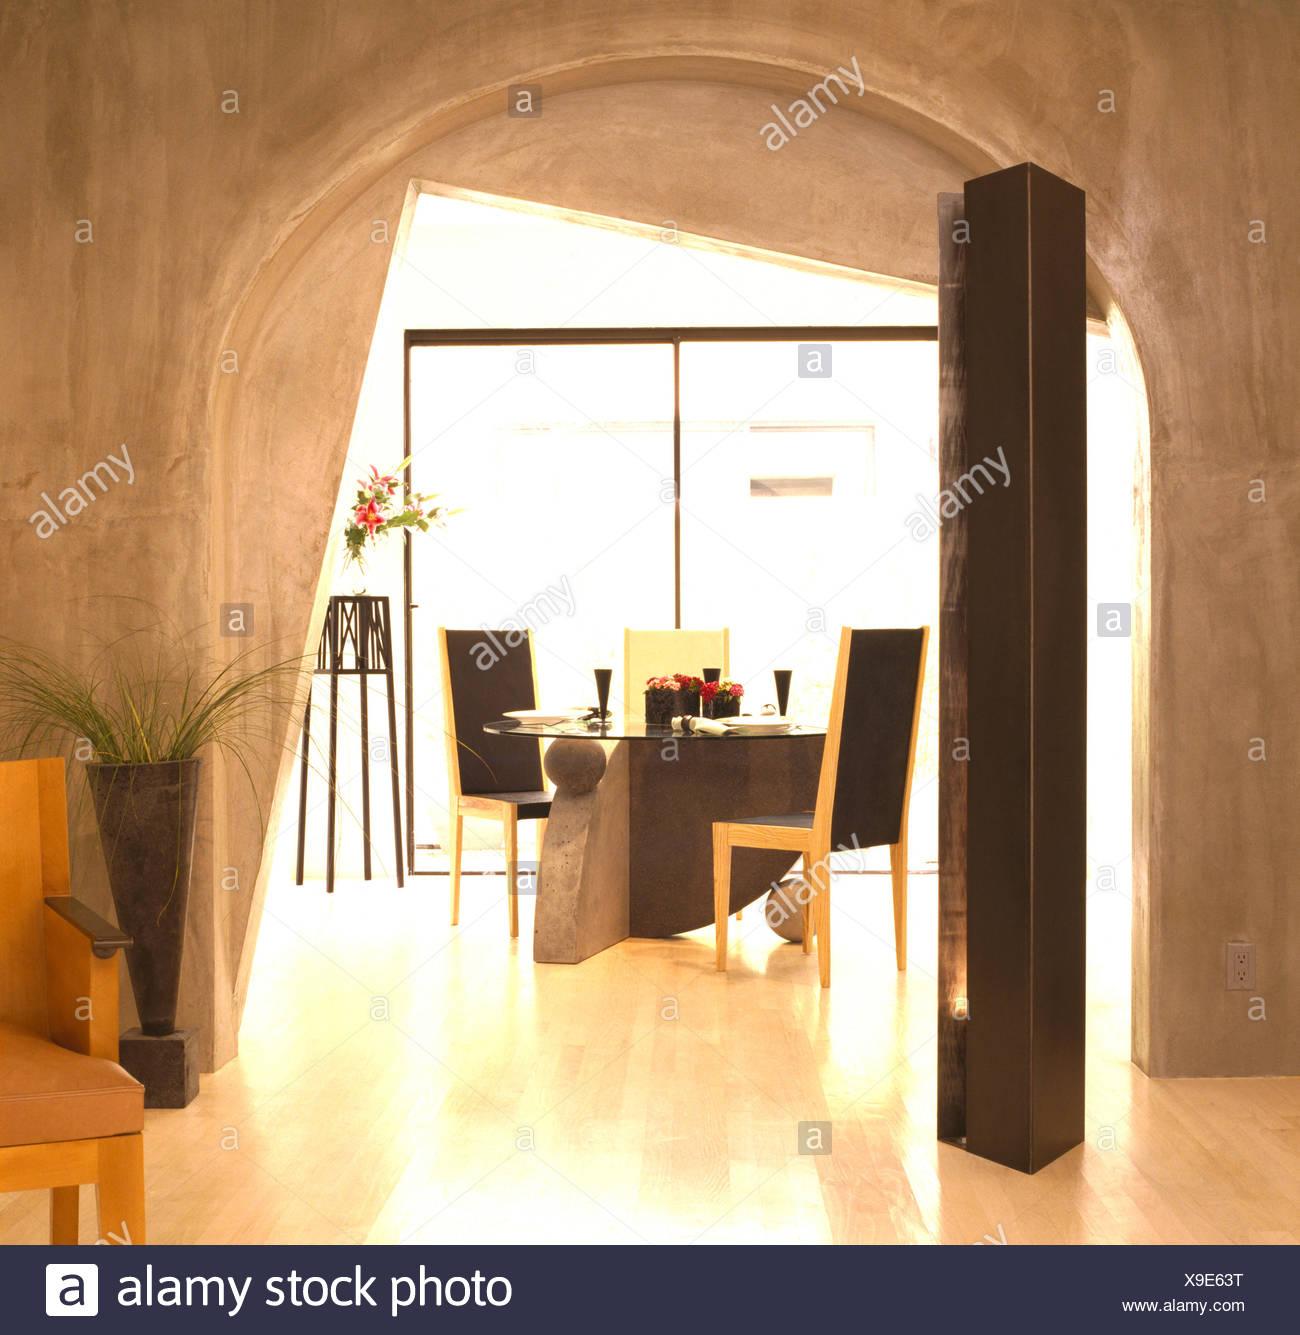 Beton Wände und polierten Boden im Essbereich mit Rundbogen und ...